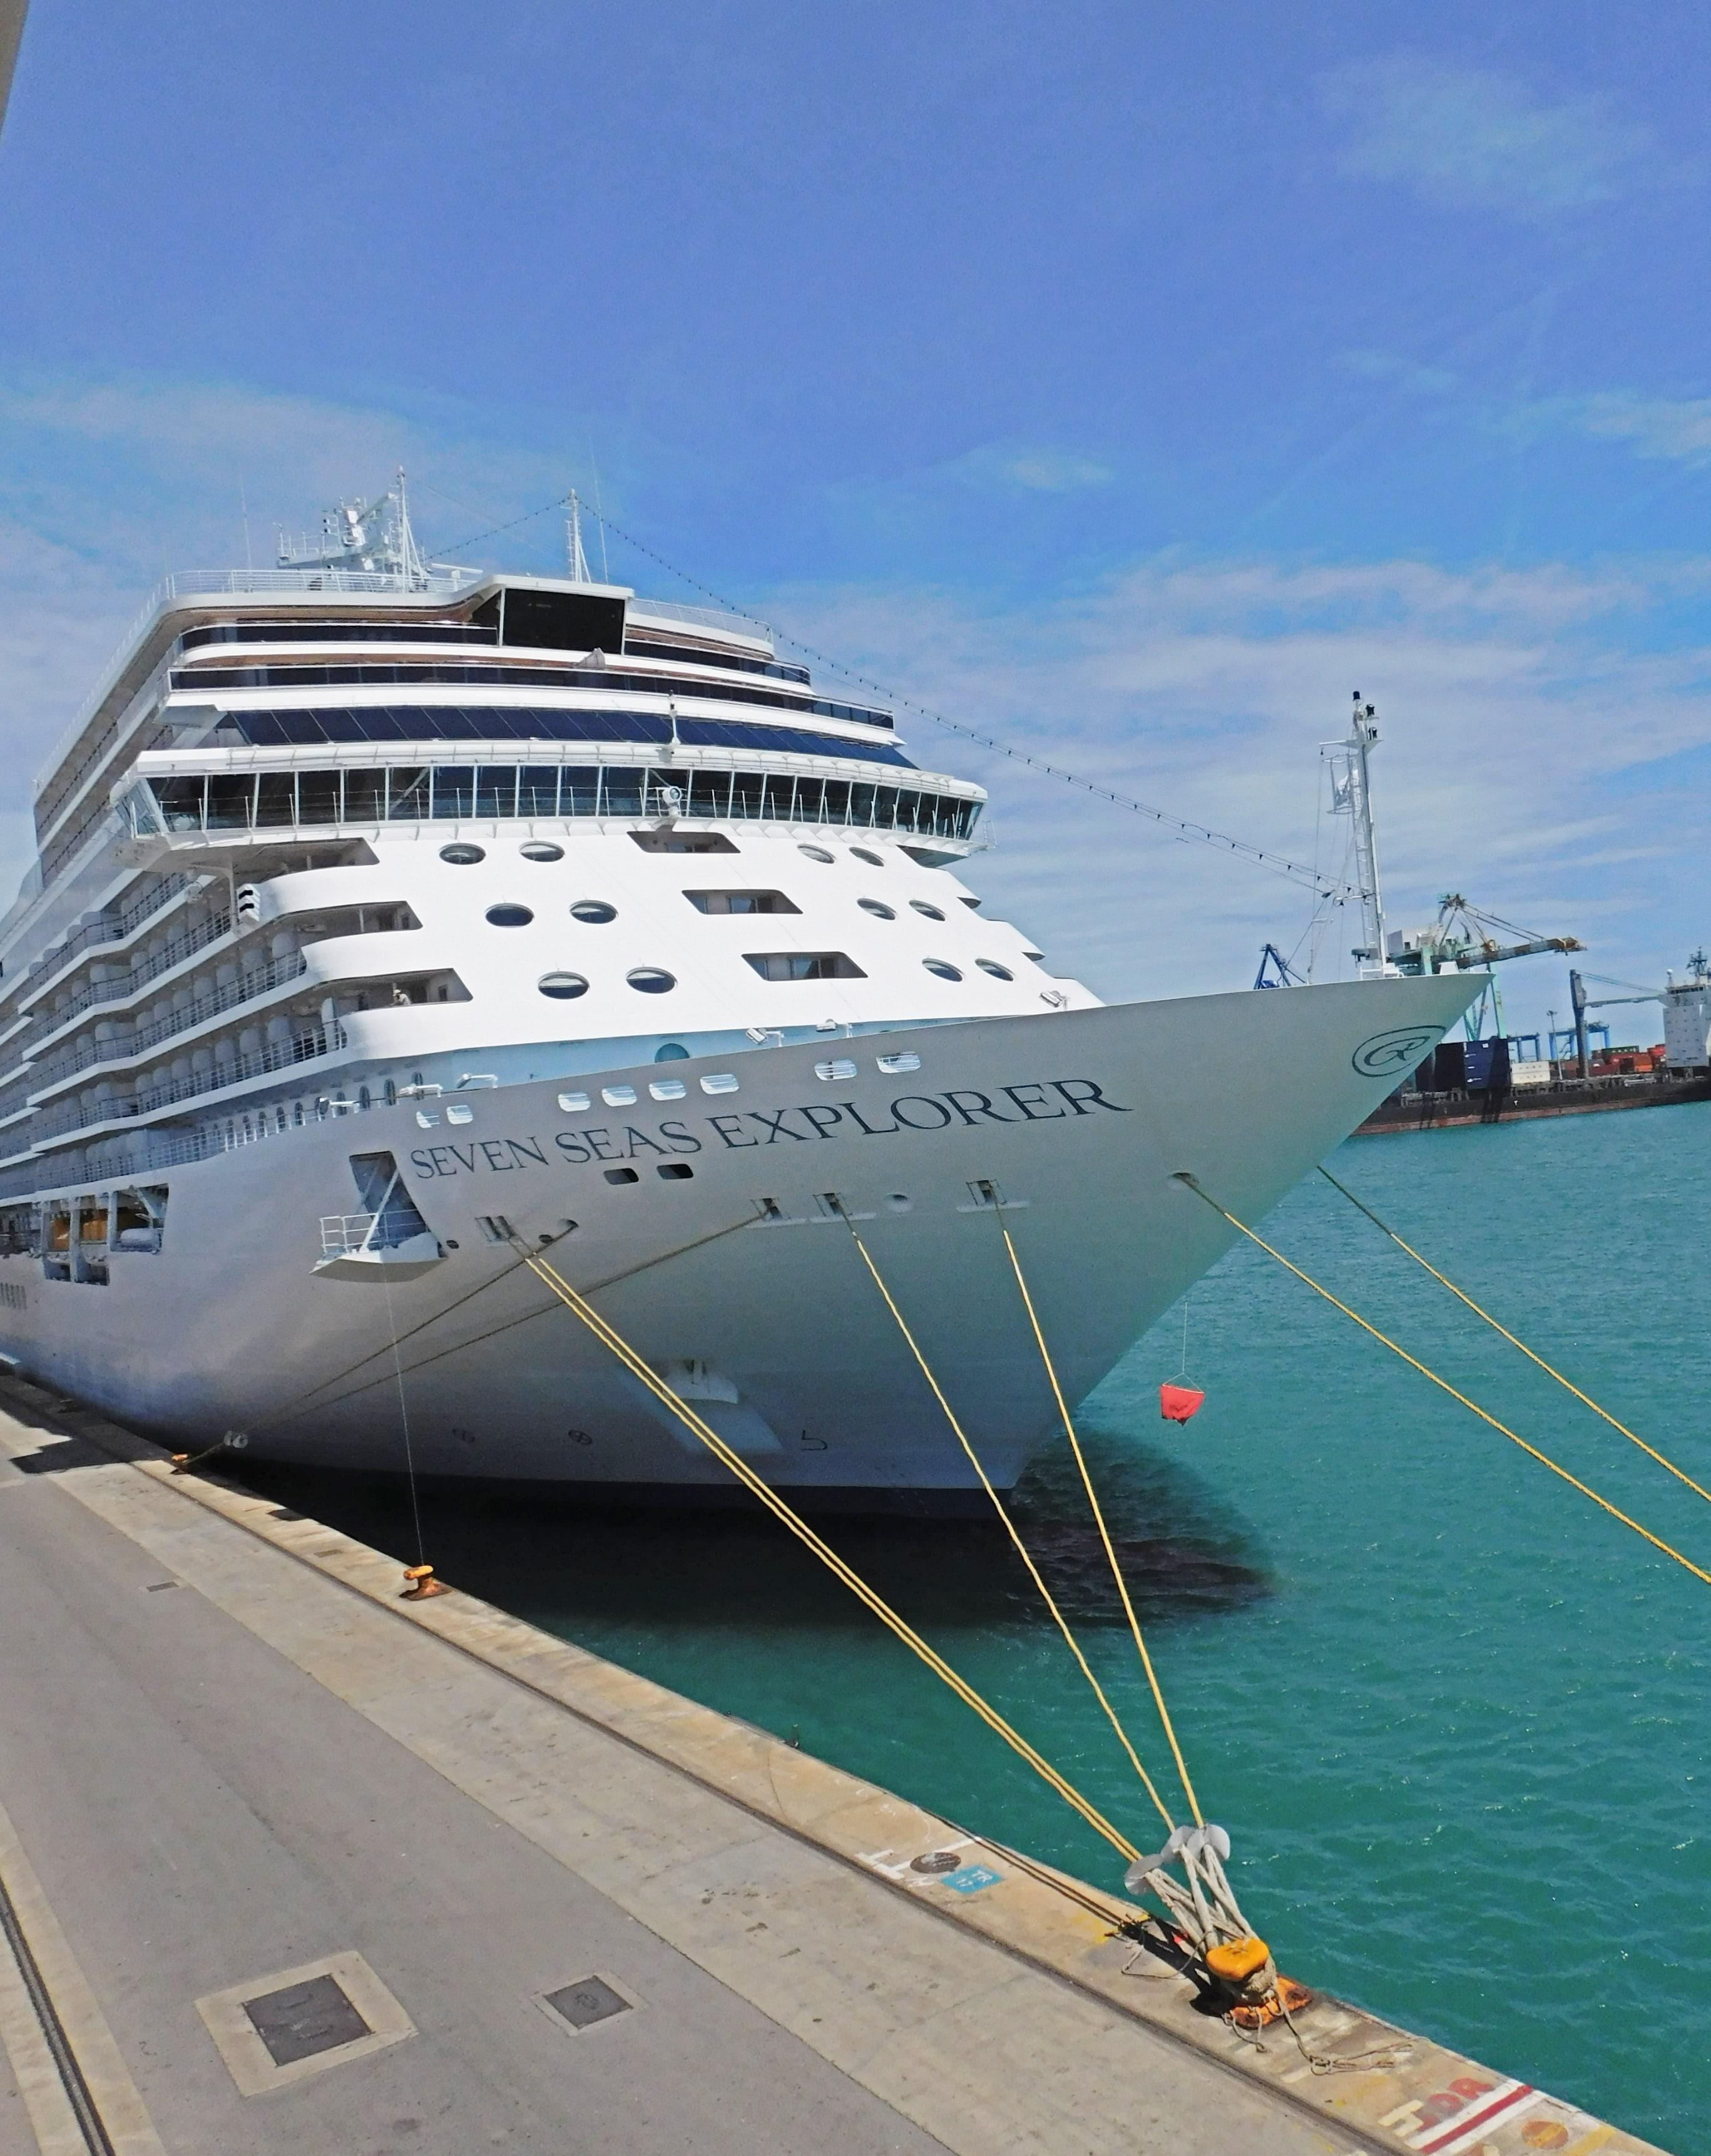 Die Seven Seas Explorer - ein schönes Schiff!